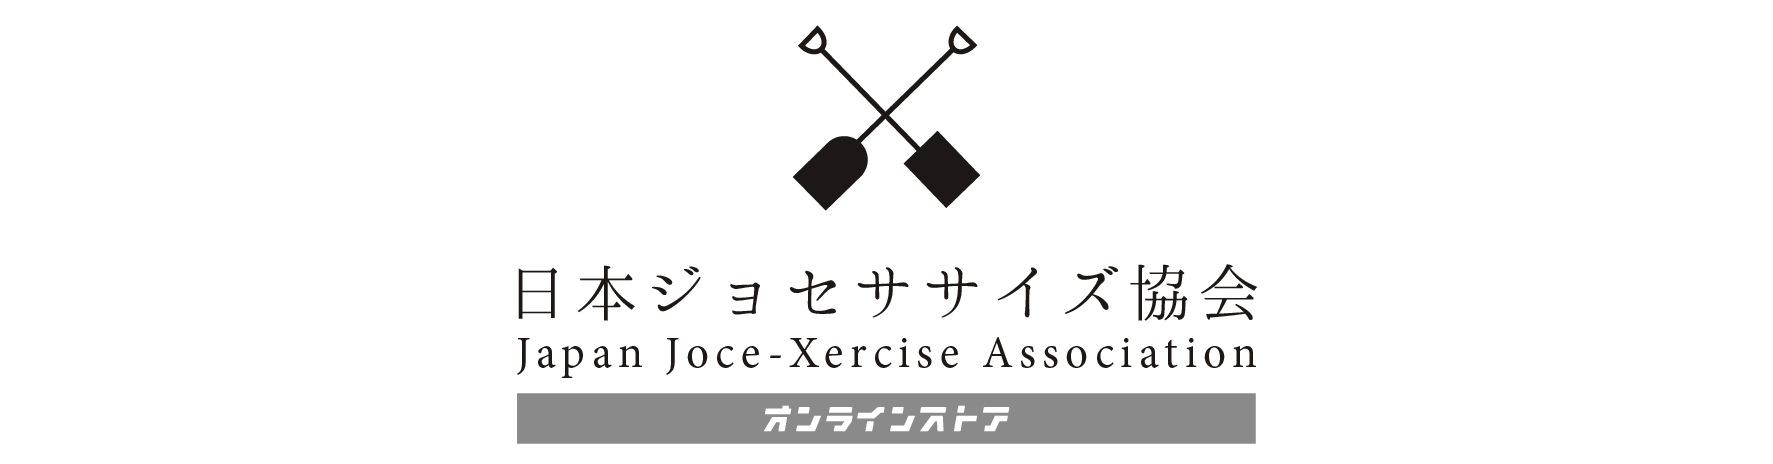 日本ジョセササイズ協会